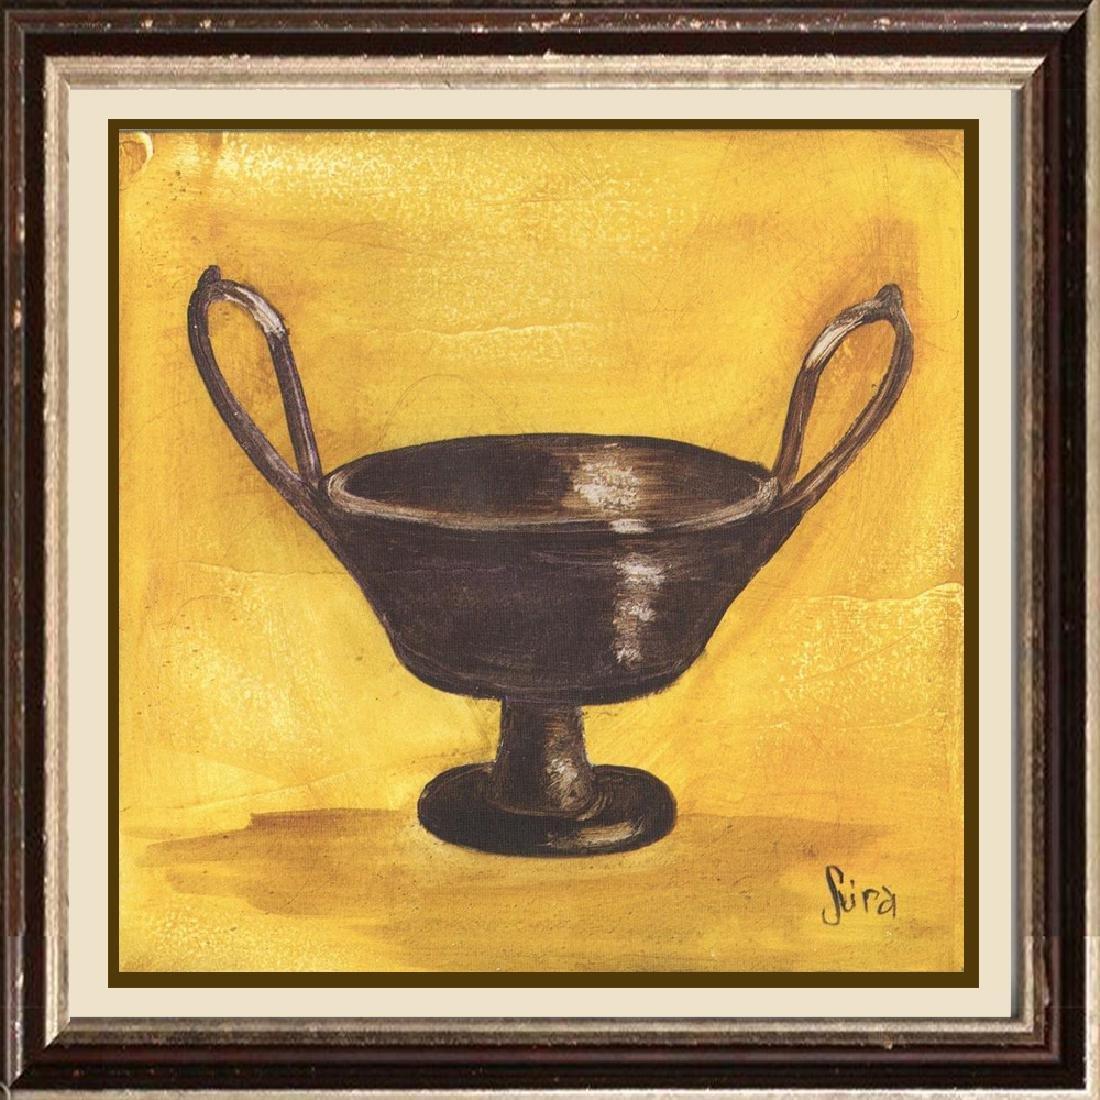 LARGE Vase on Gold Decorative Art